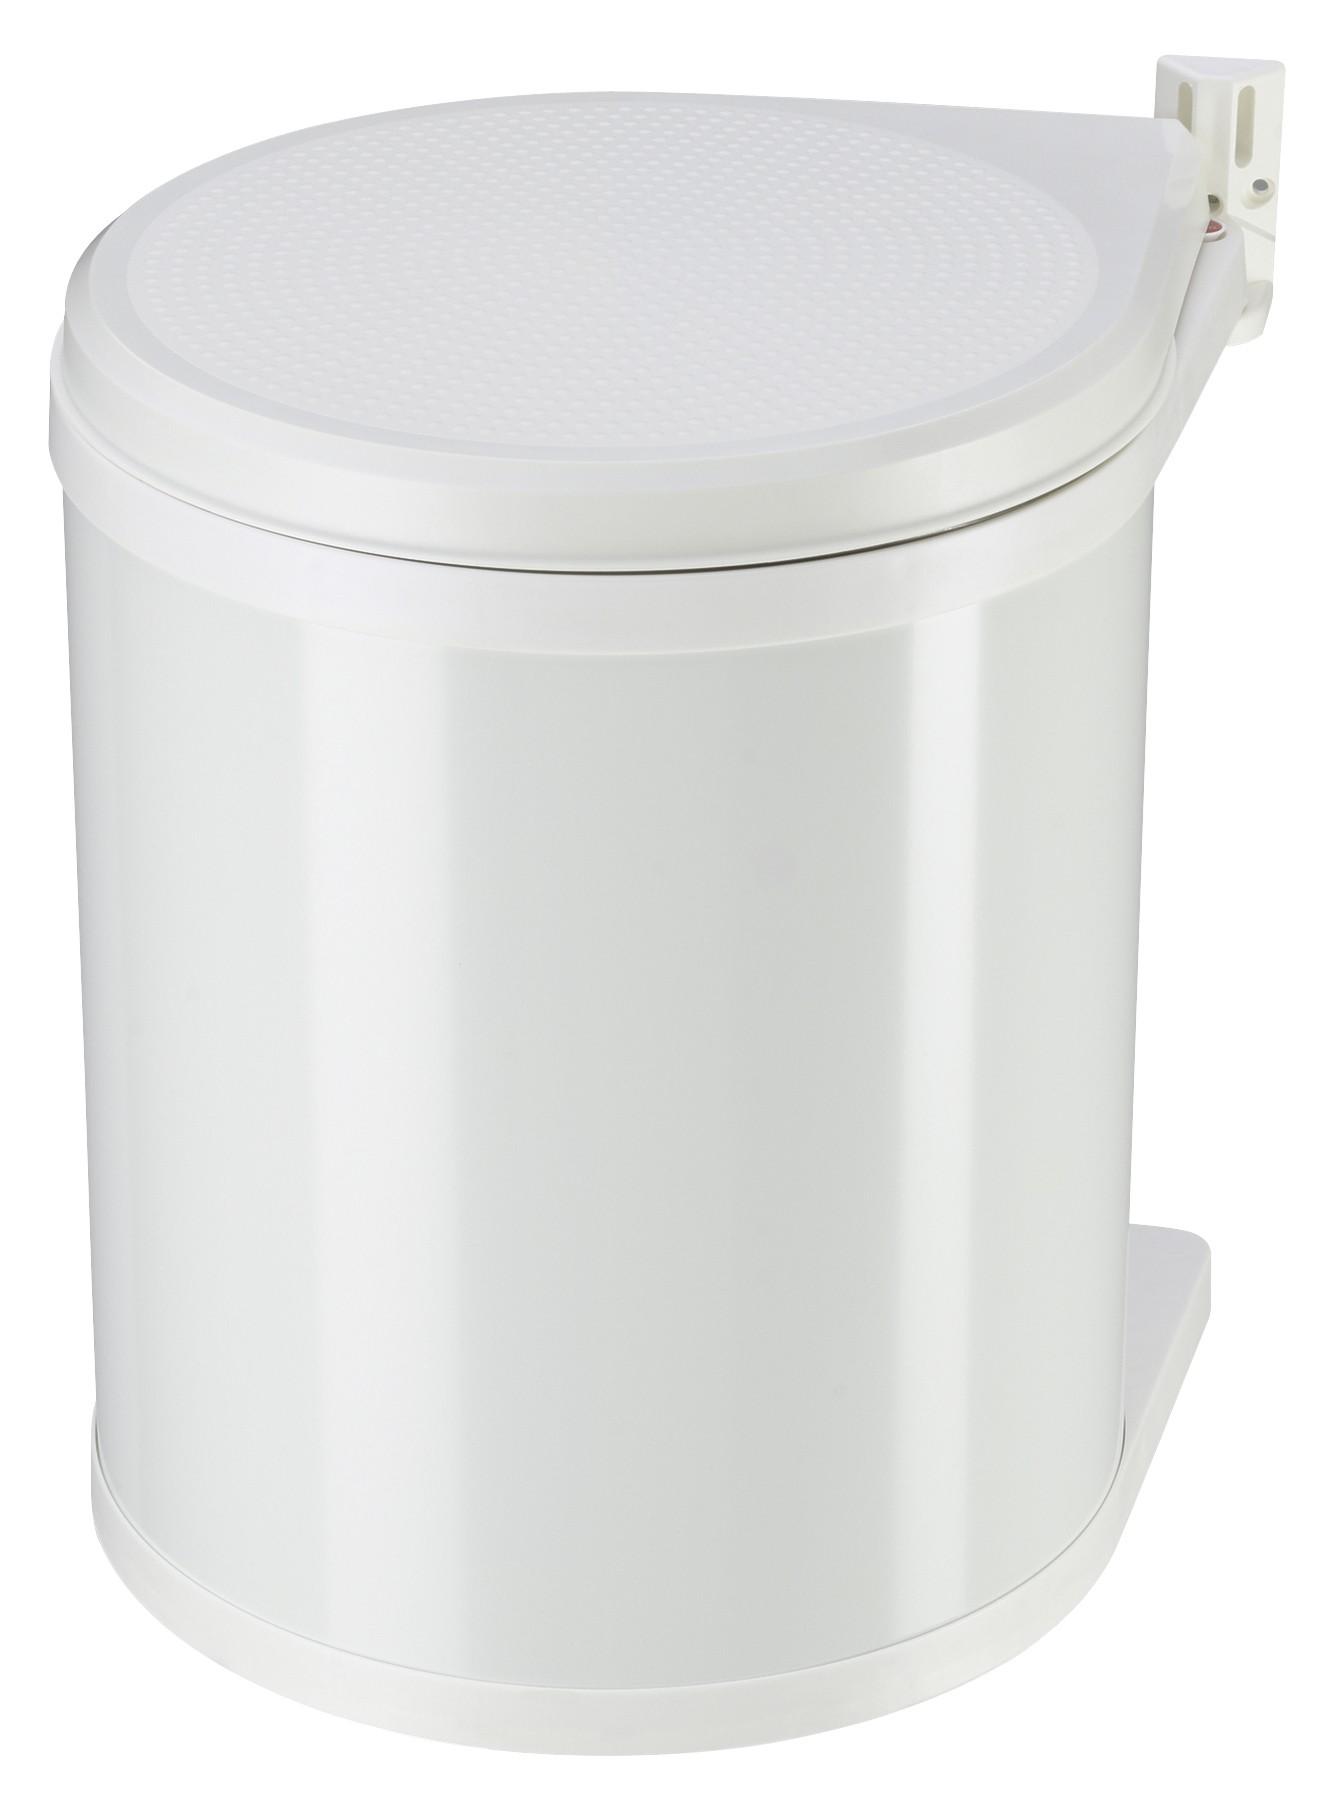 Hailo Compact-Box M, weiß, 15 l Inneneimer